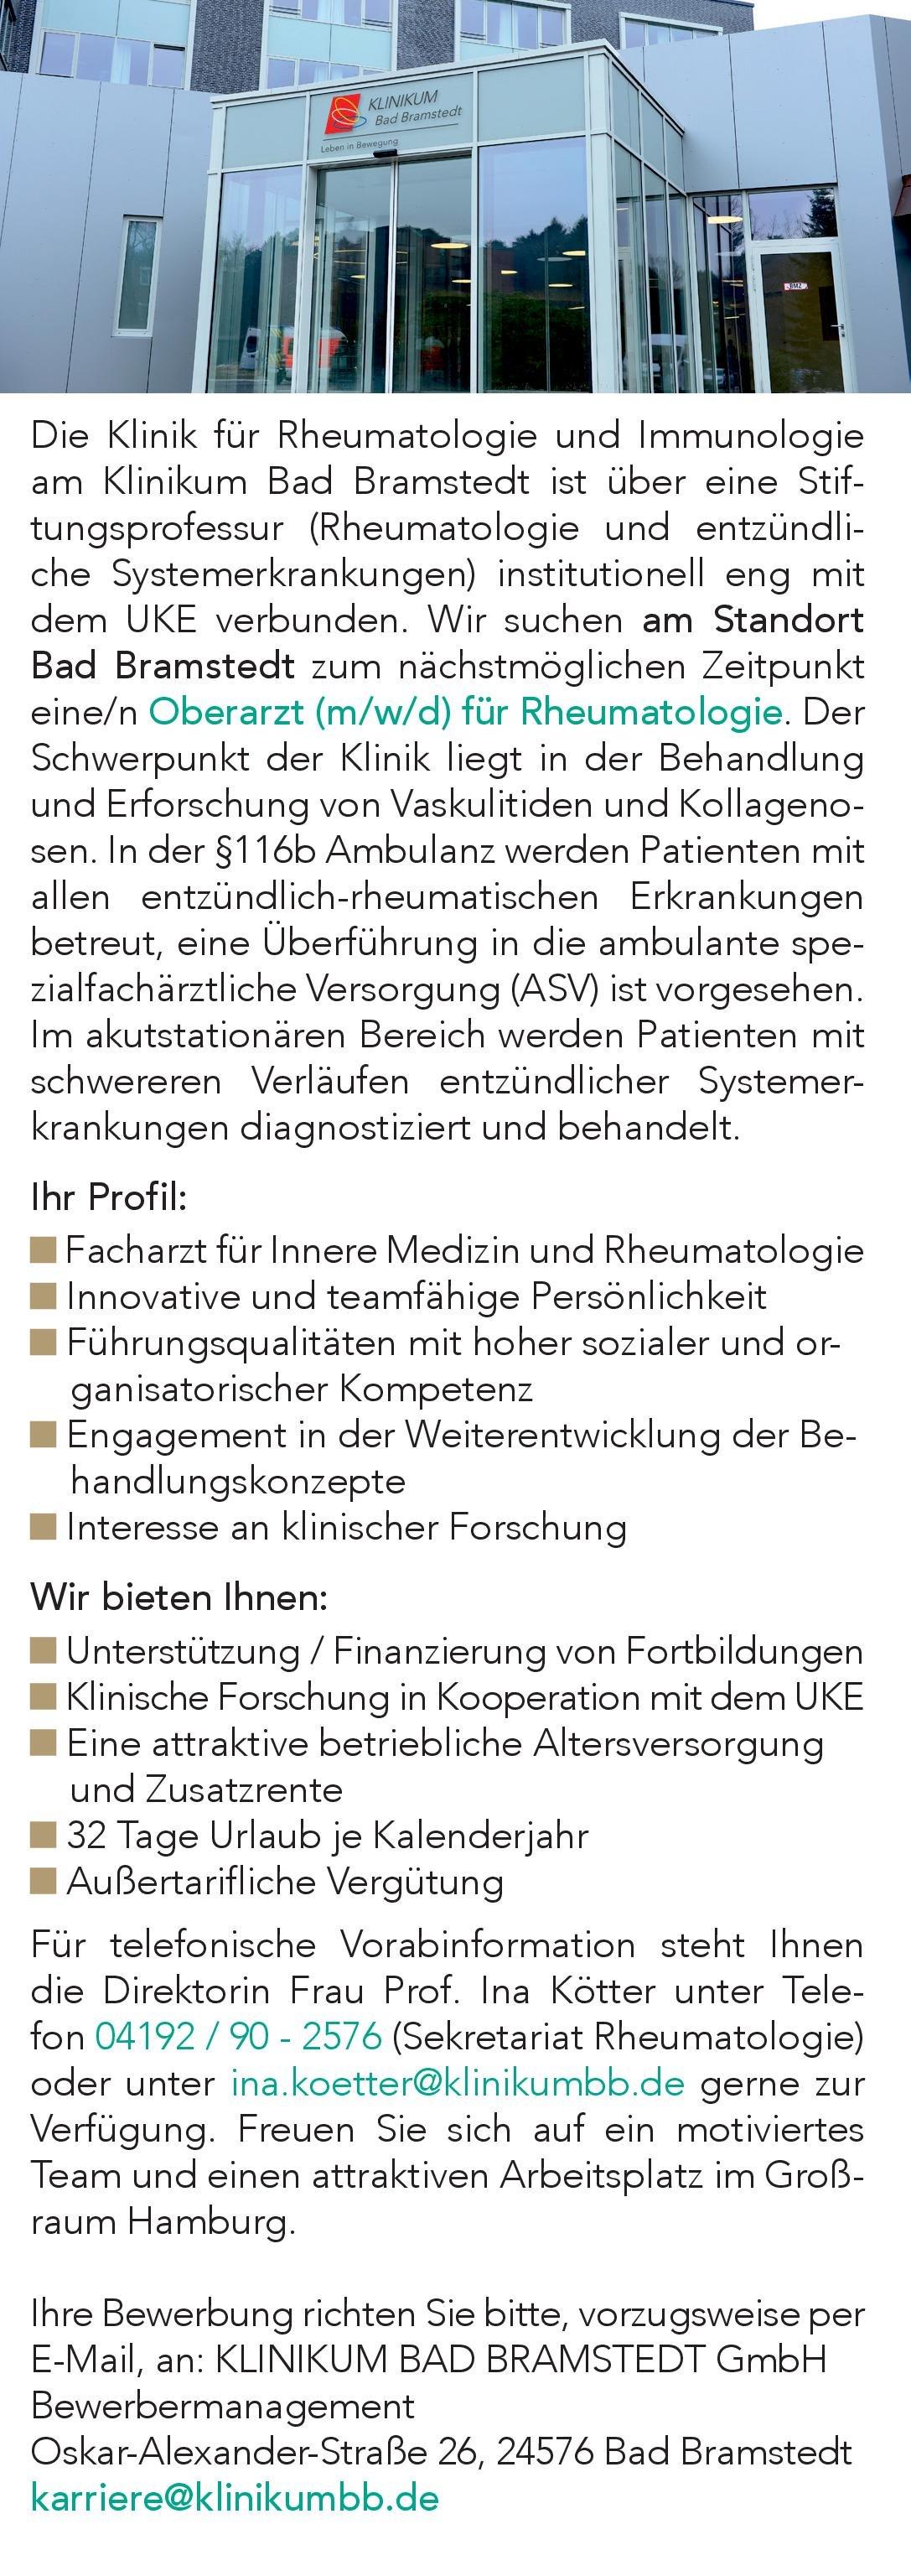 KLINIKUM BAD BRAMSTEDT GmbH Oberarzt (m/w/d) für Rheumatologie.  Innere Medizin und Rheumatologie, Innere Medizin Oberarzt